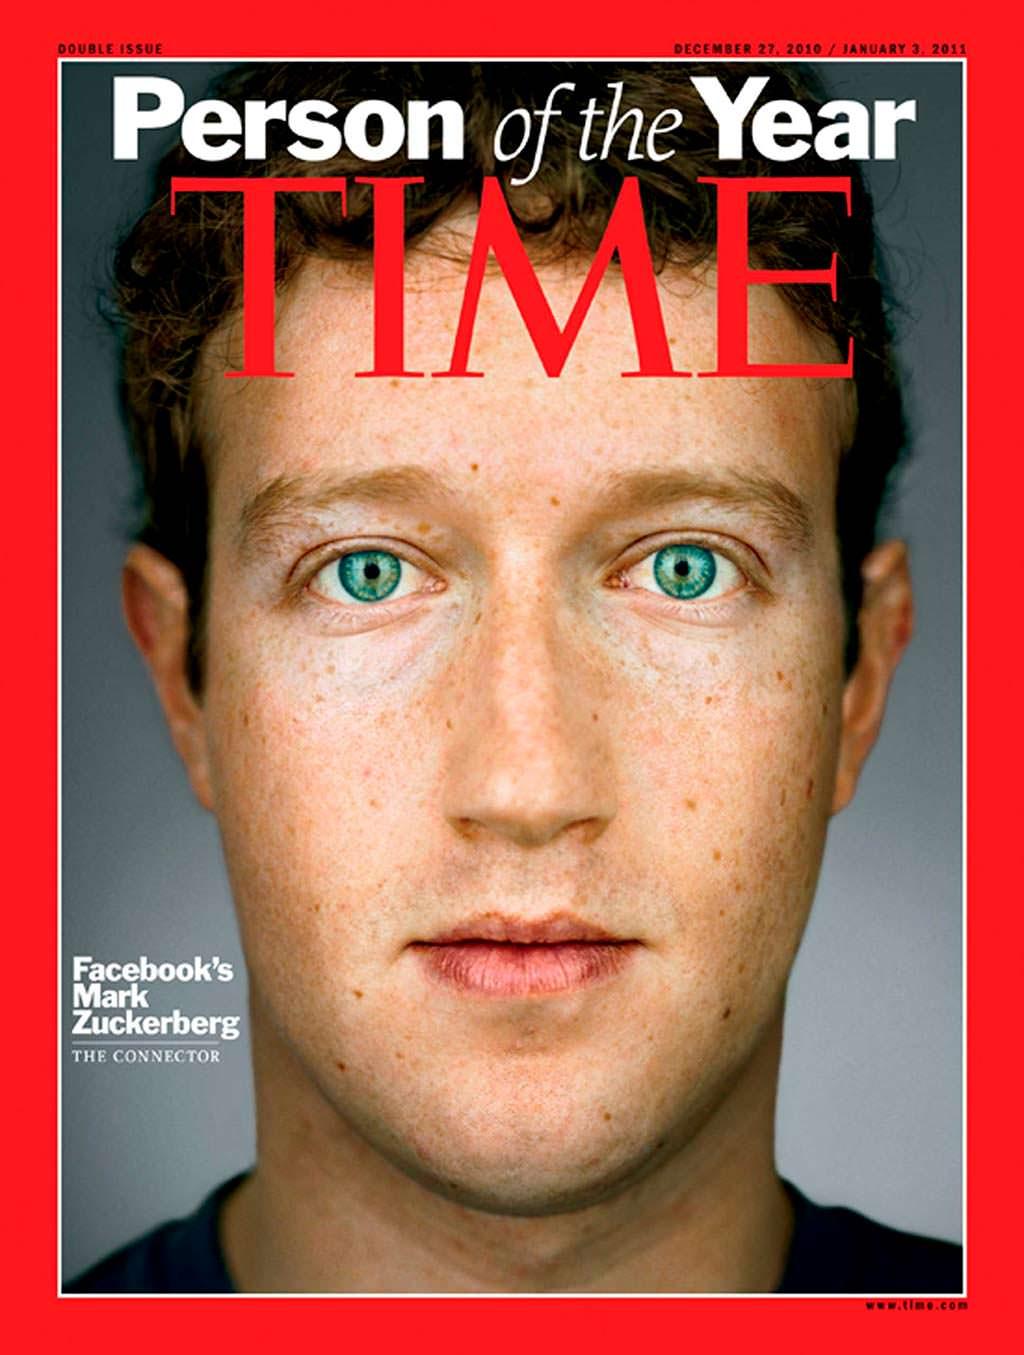 2010 год. Основатель Facebook Марк Цукерберг на обложке Time